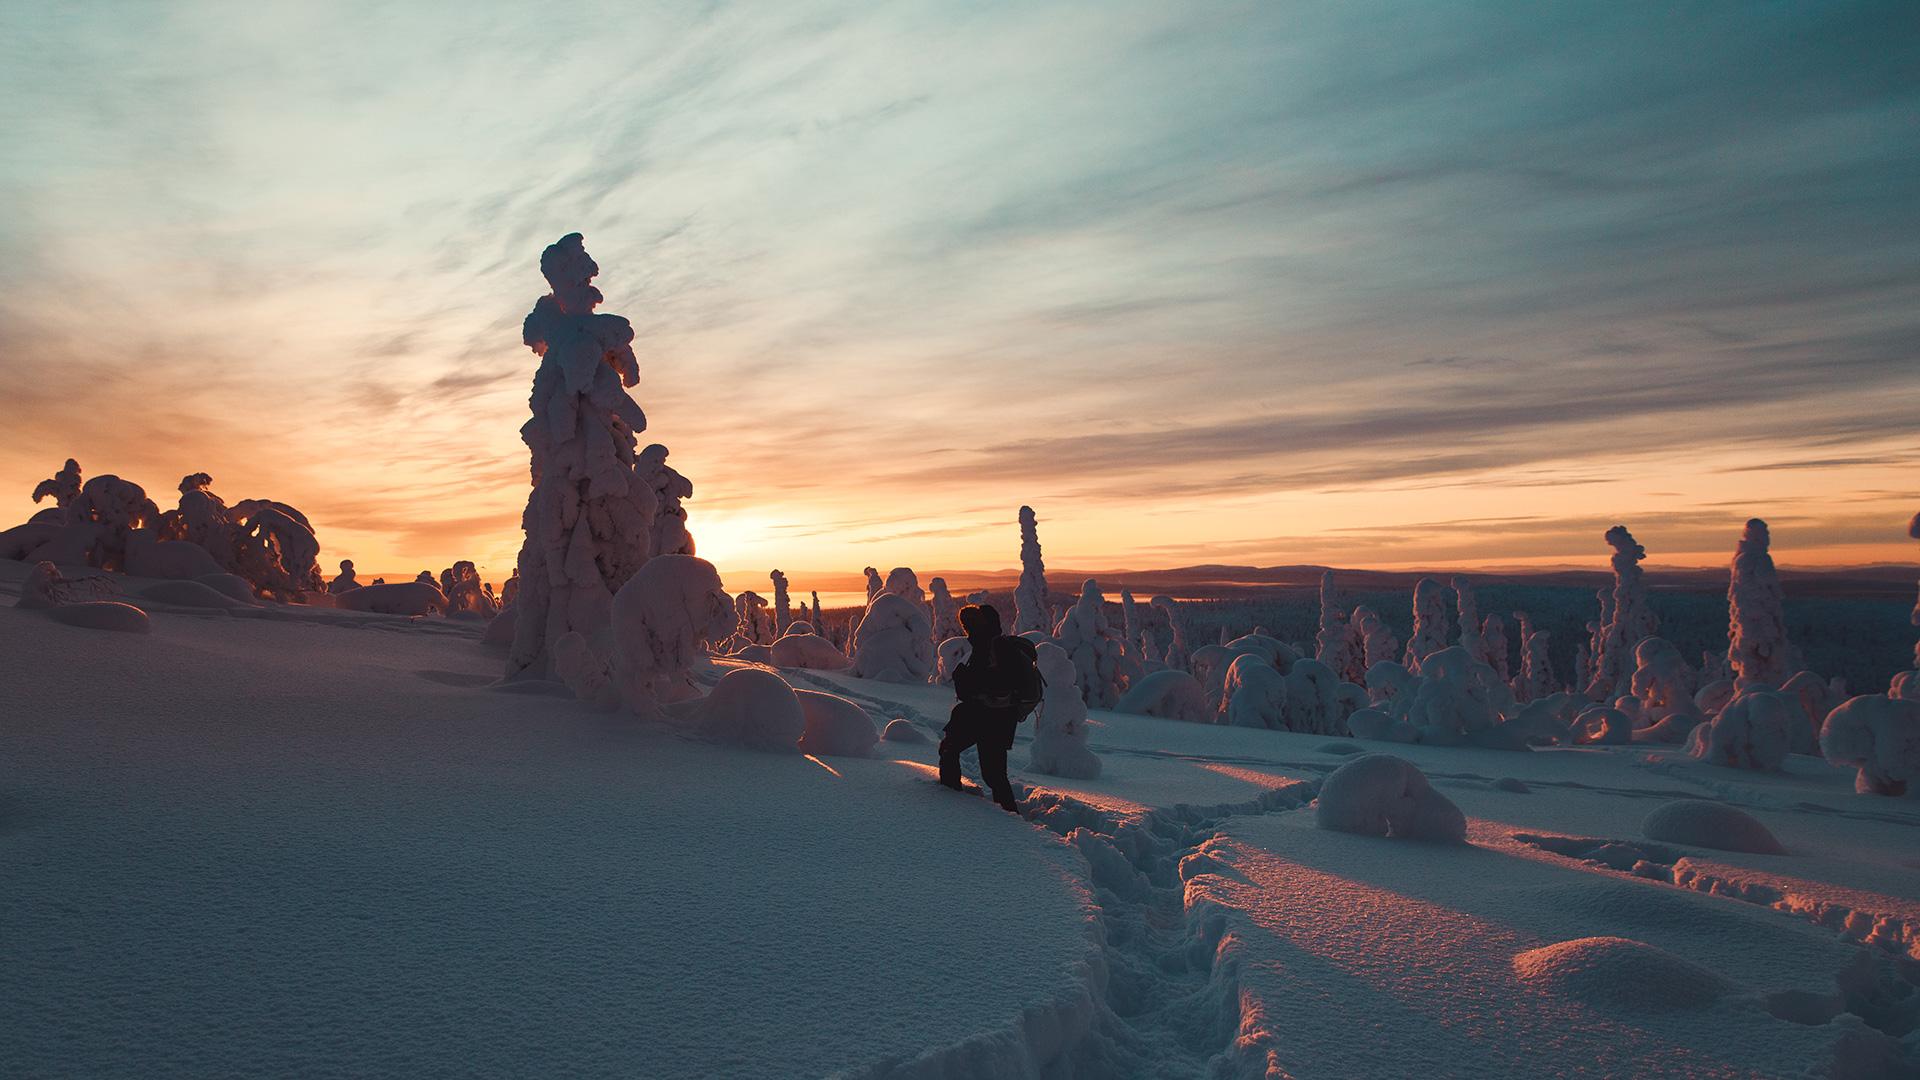 Sunset silhouette Boreal forest Lapland Raphaelle Monvoisin